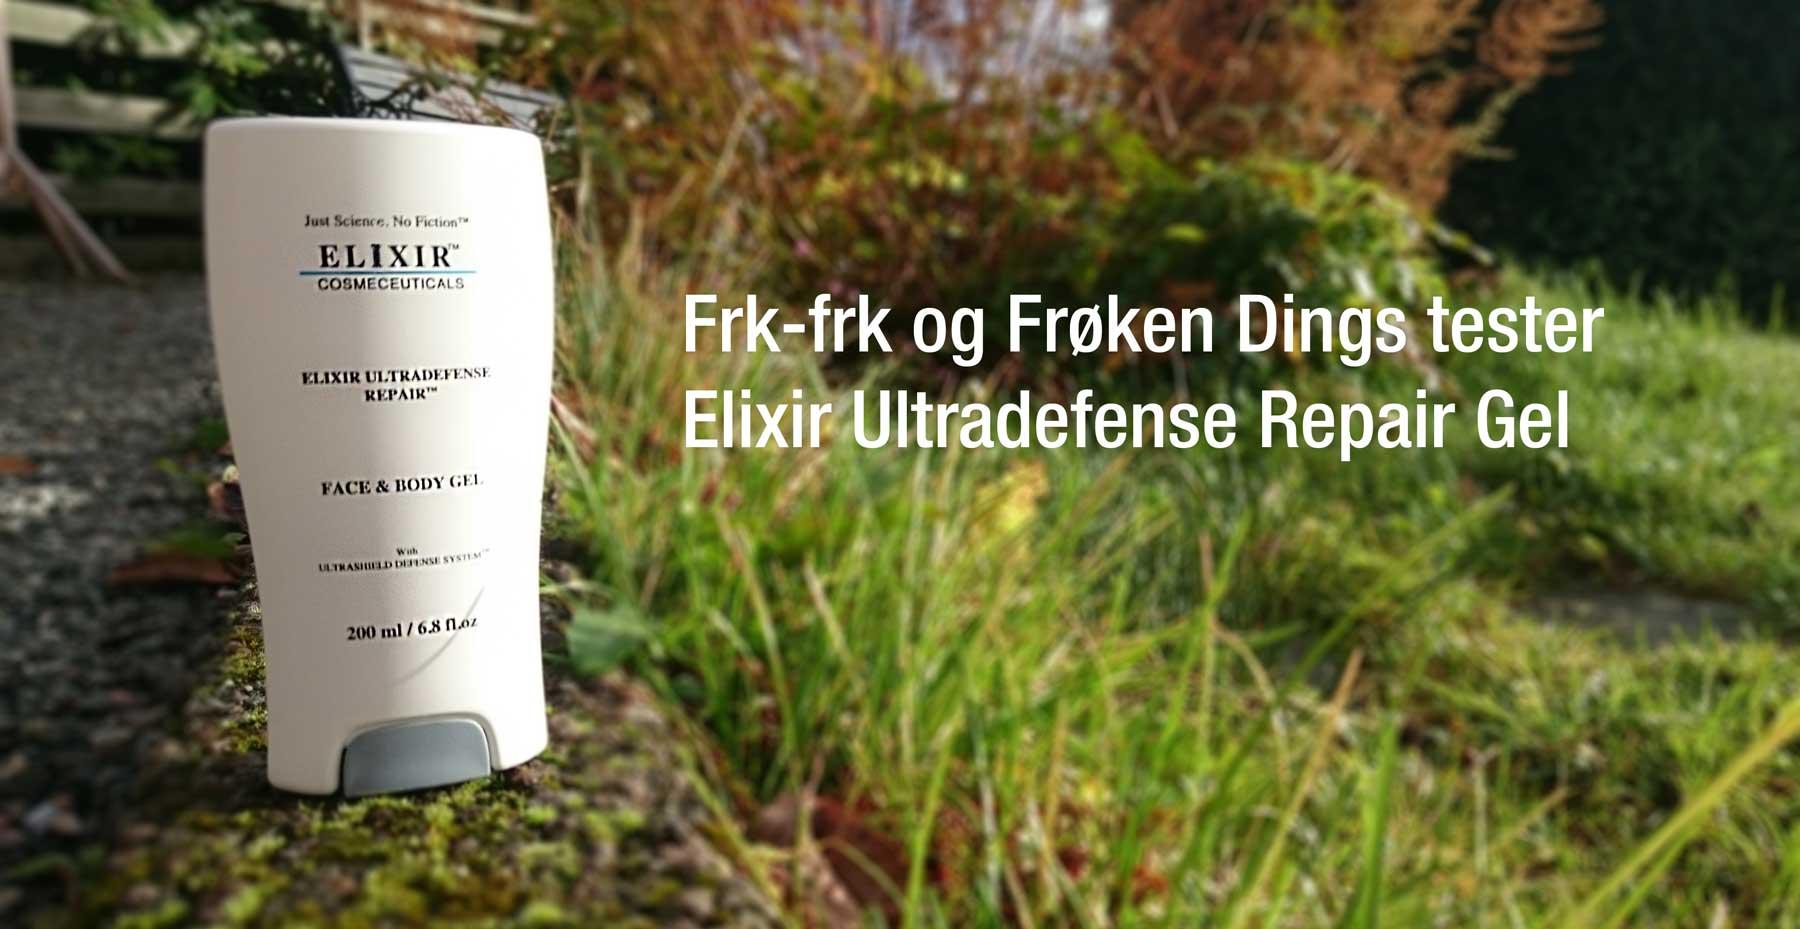 elixir-ultradefence-repair-gel